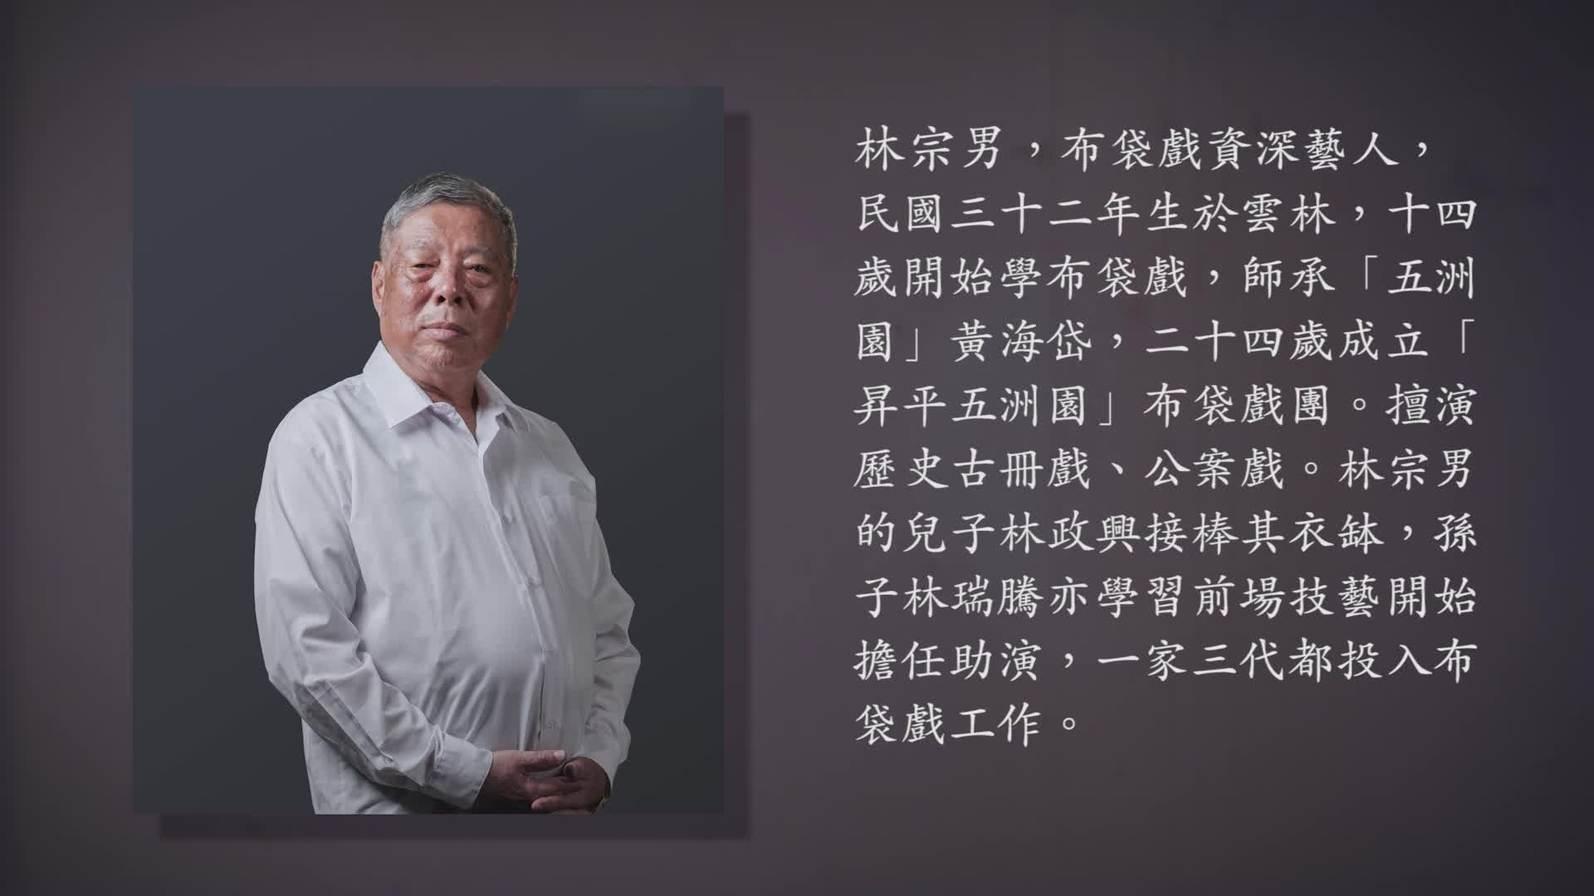 技藝.記憶-傳統藝術藝人口述歷史影像紀錄計畫-林宗男精華片段